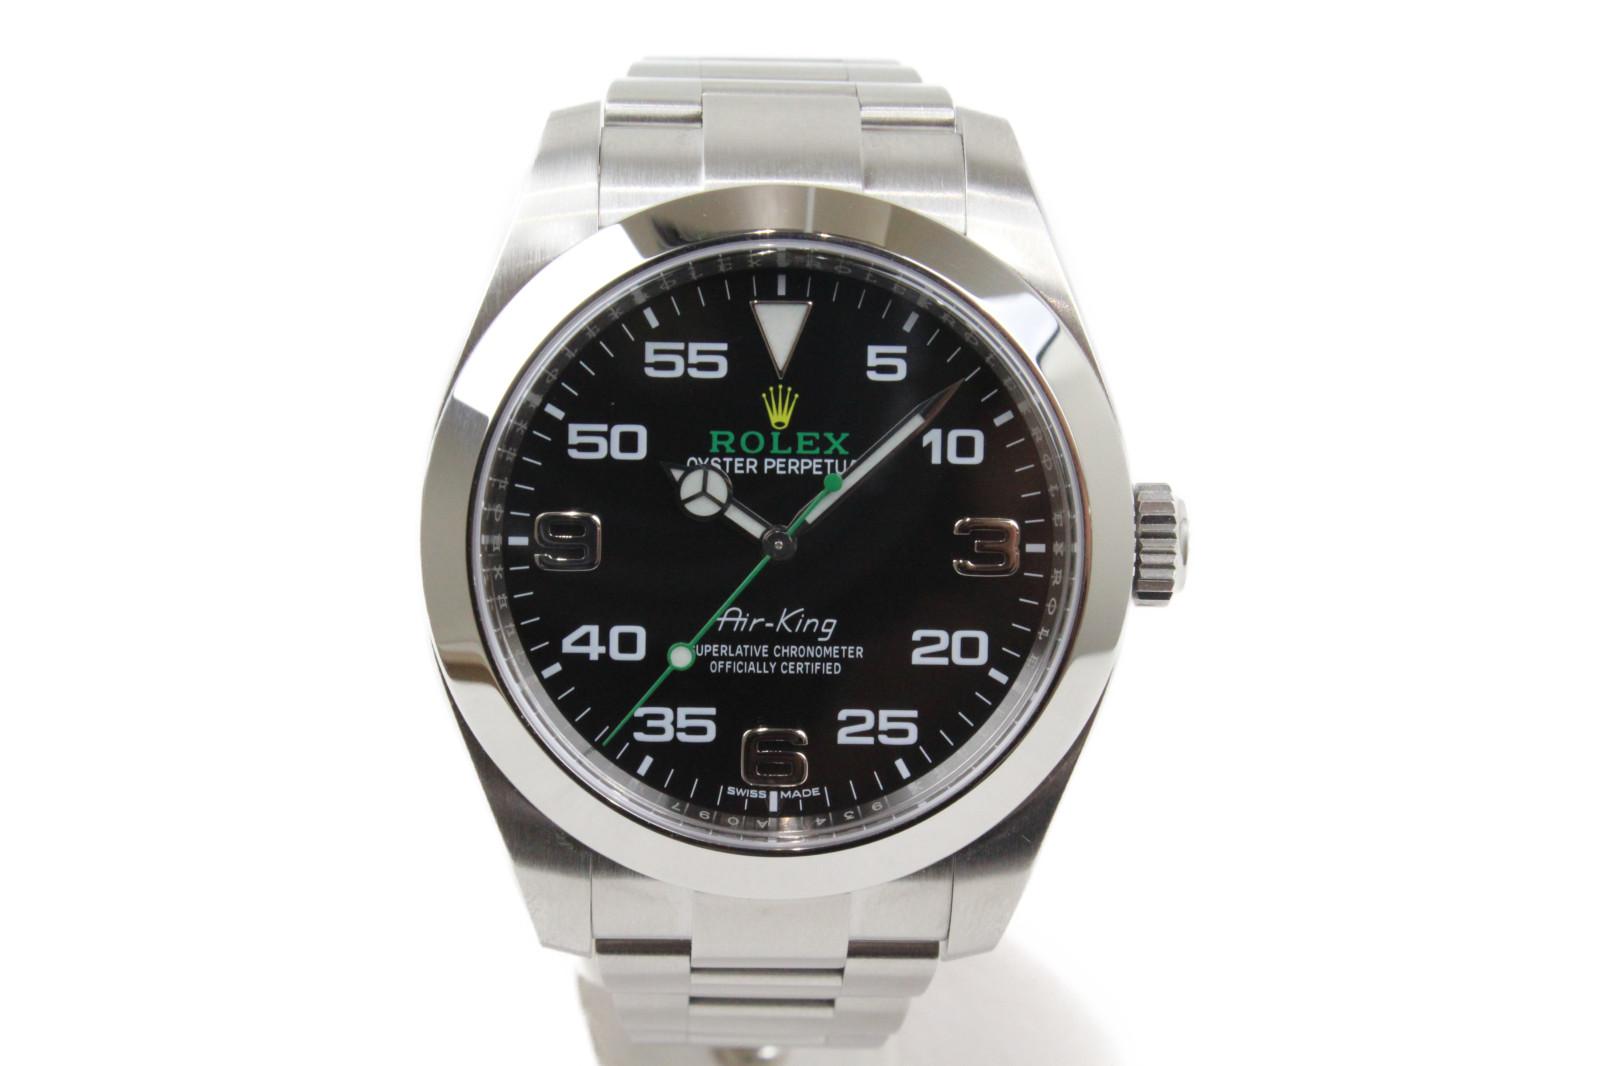 ROLEX ロレックス エアキング 116900 自動巻き ランダム 2017年 SS ステンレススチール ブラック  メンズ 腕時計【中古】